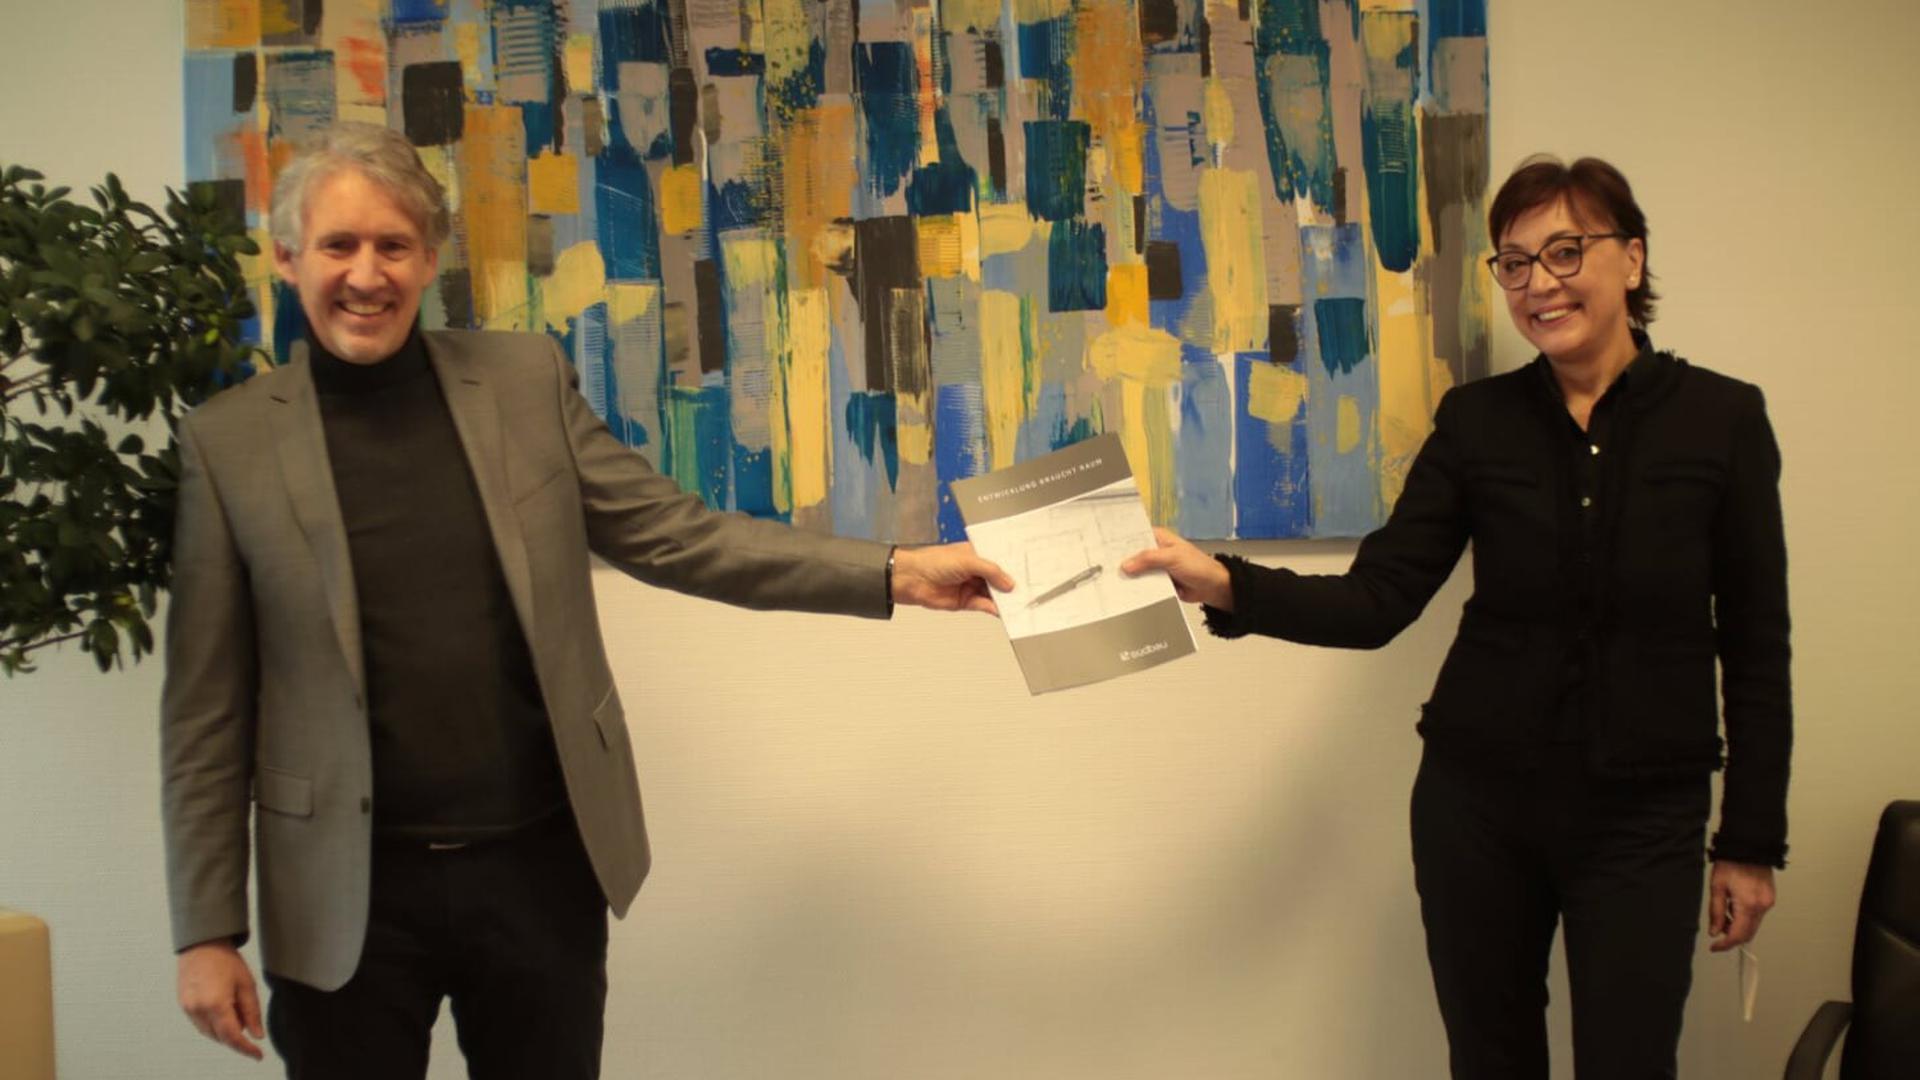 Frau und Mann reichen sich Papierblatt.